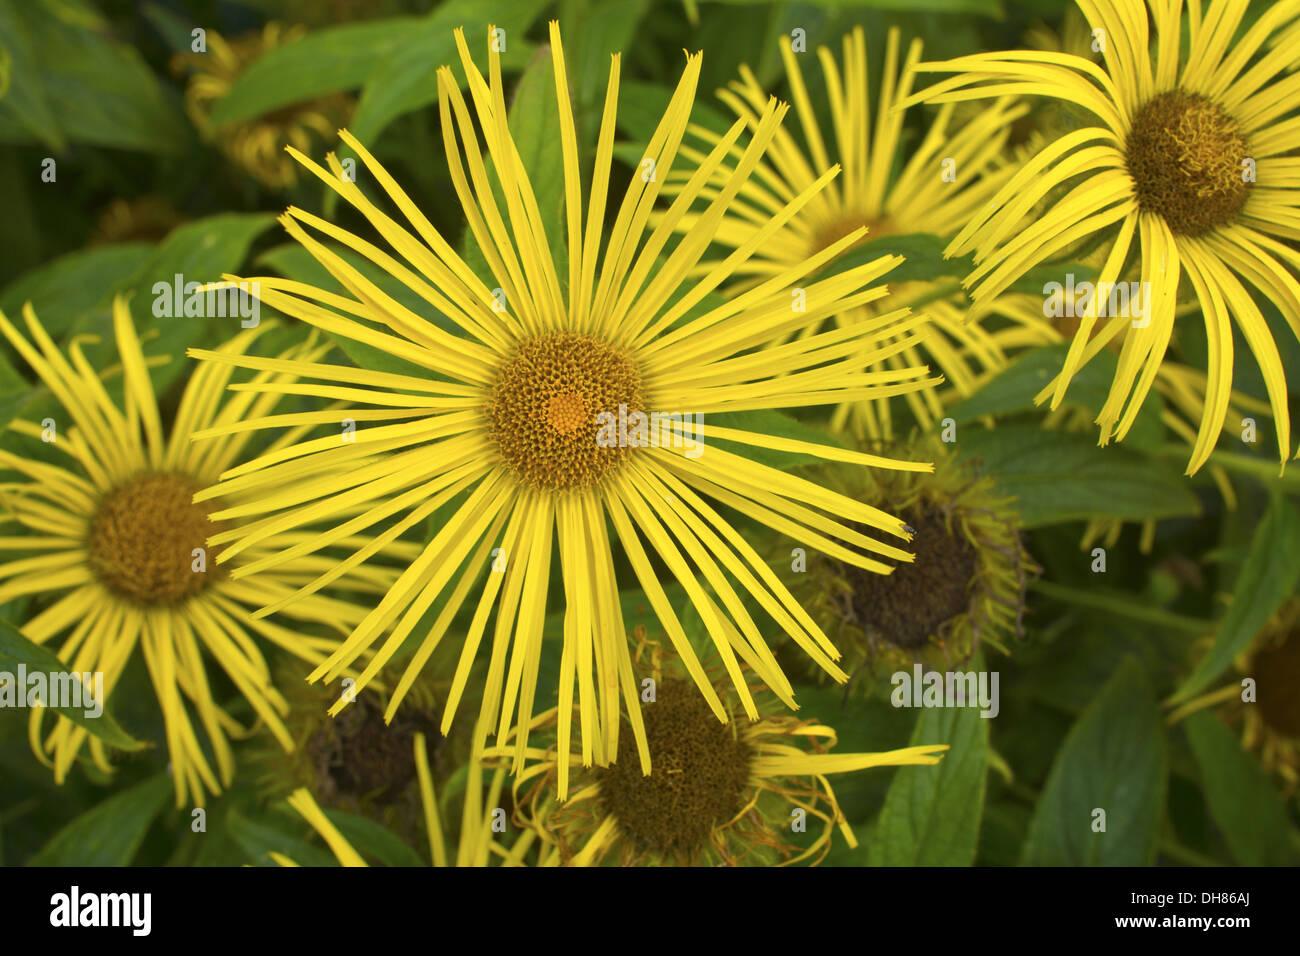 Daisy like flower stock photos daisy like flower stock images alamy bright yellow daisy like flower inula hookeri in a garden stock image izmirmasajfo